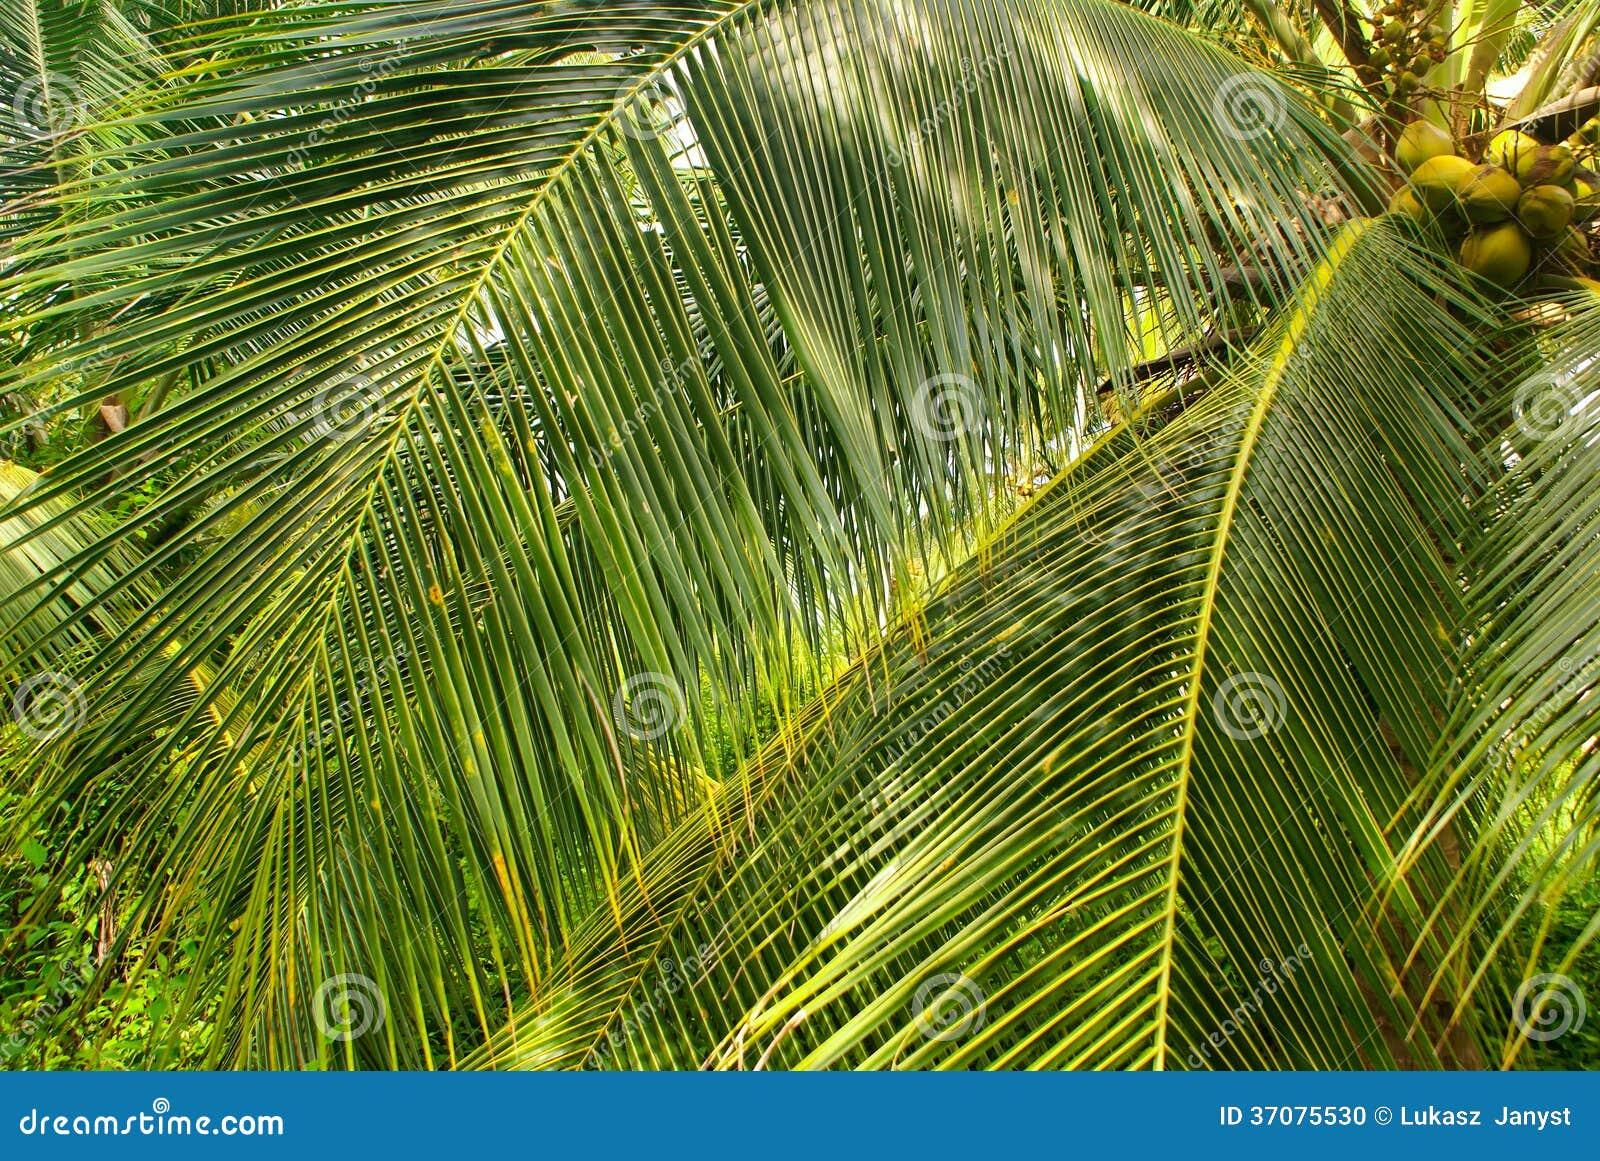 Download Zielony Palmowy Las W Kolumbijskiej Wyspie Mucura Zdjęcie Stock - Obraz złożonej z przejrzysty, wyspa: 37075530